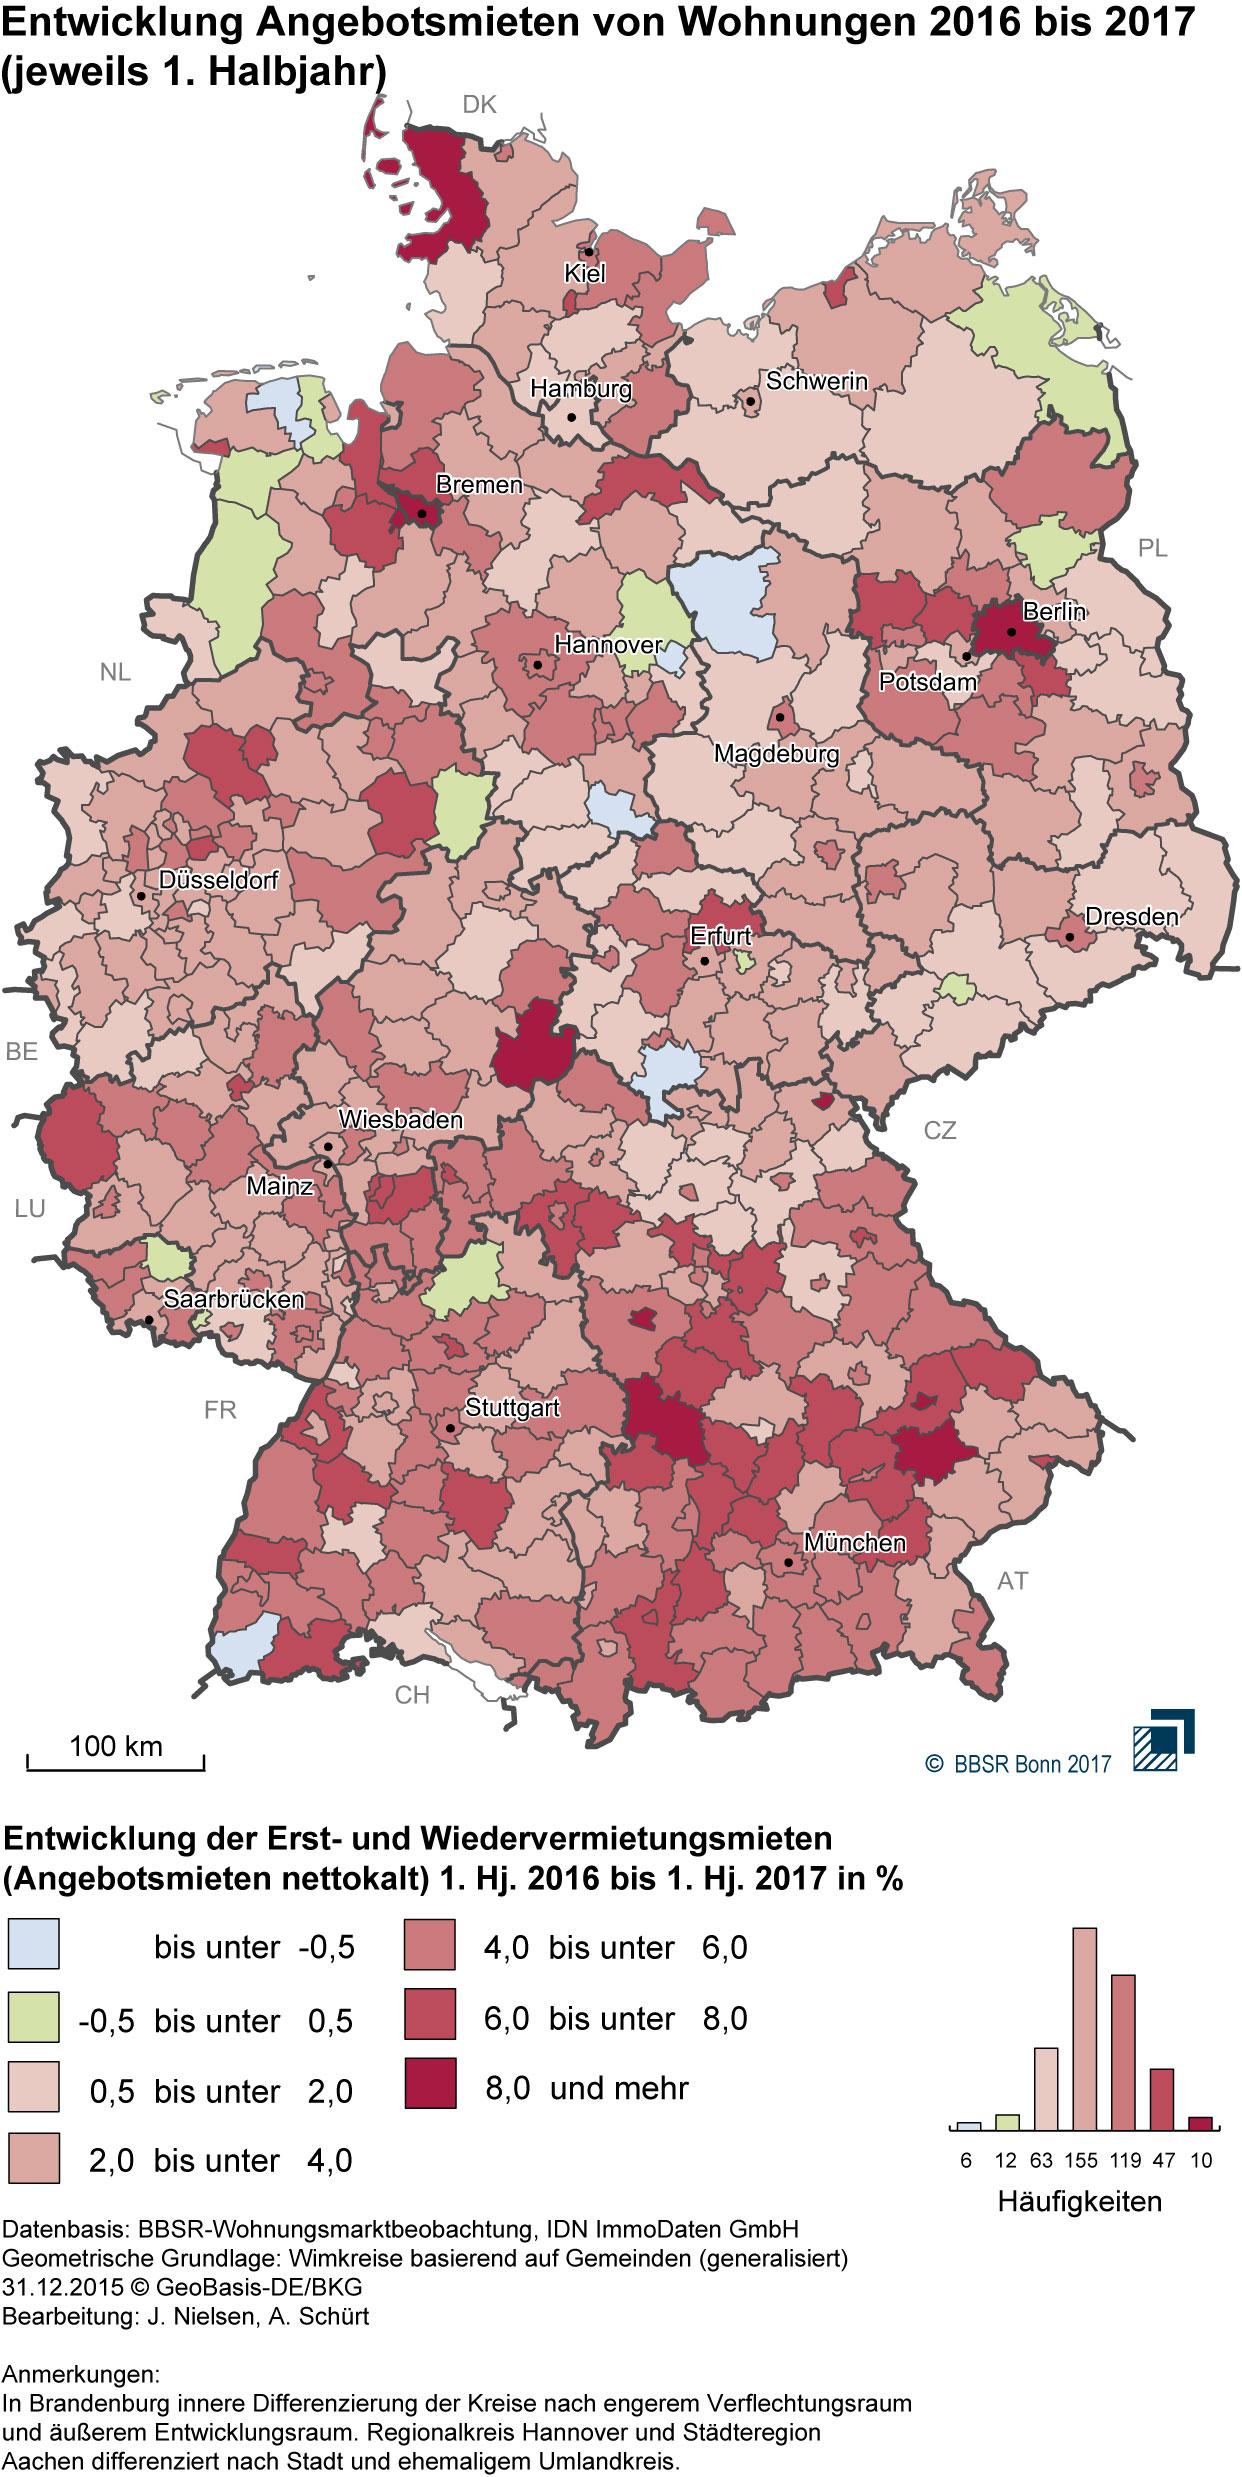 Deutschlandkarte zur Entwicklung der Mieten von 2016 auf 2017 nach Landkreisen